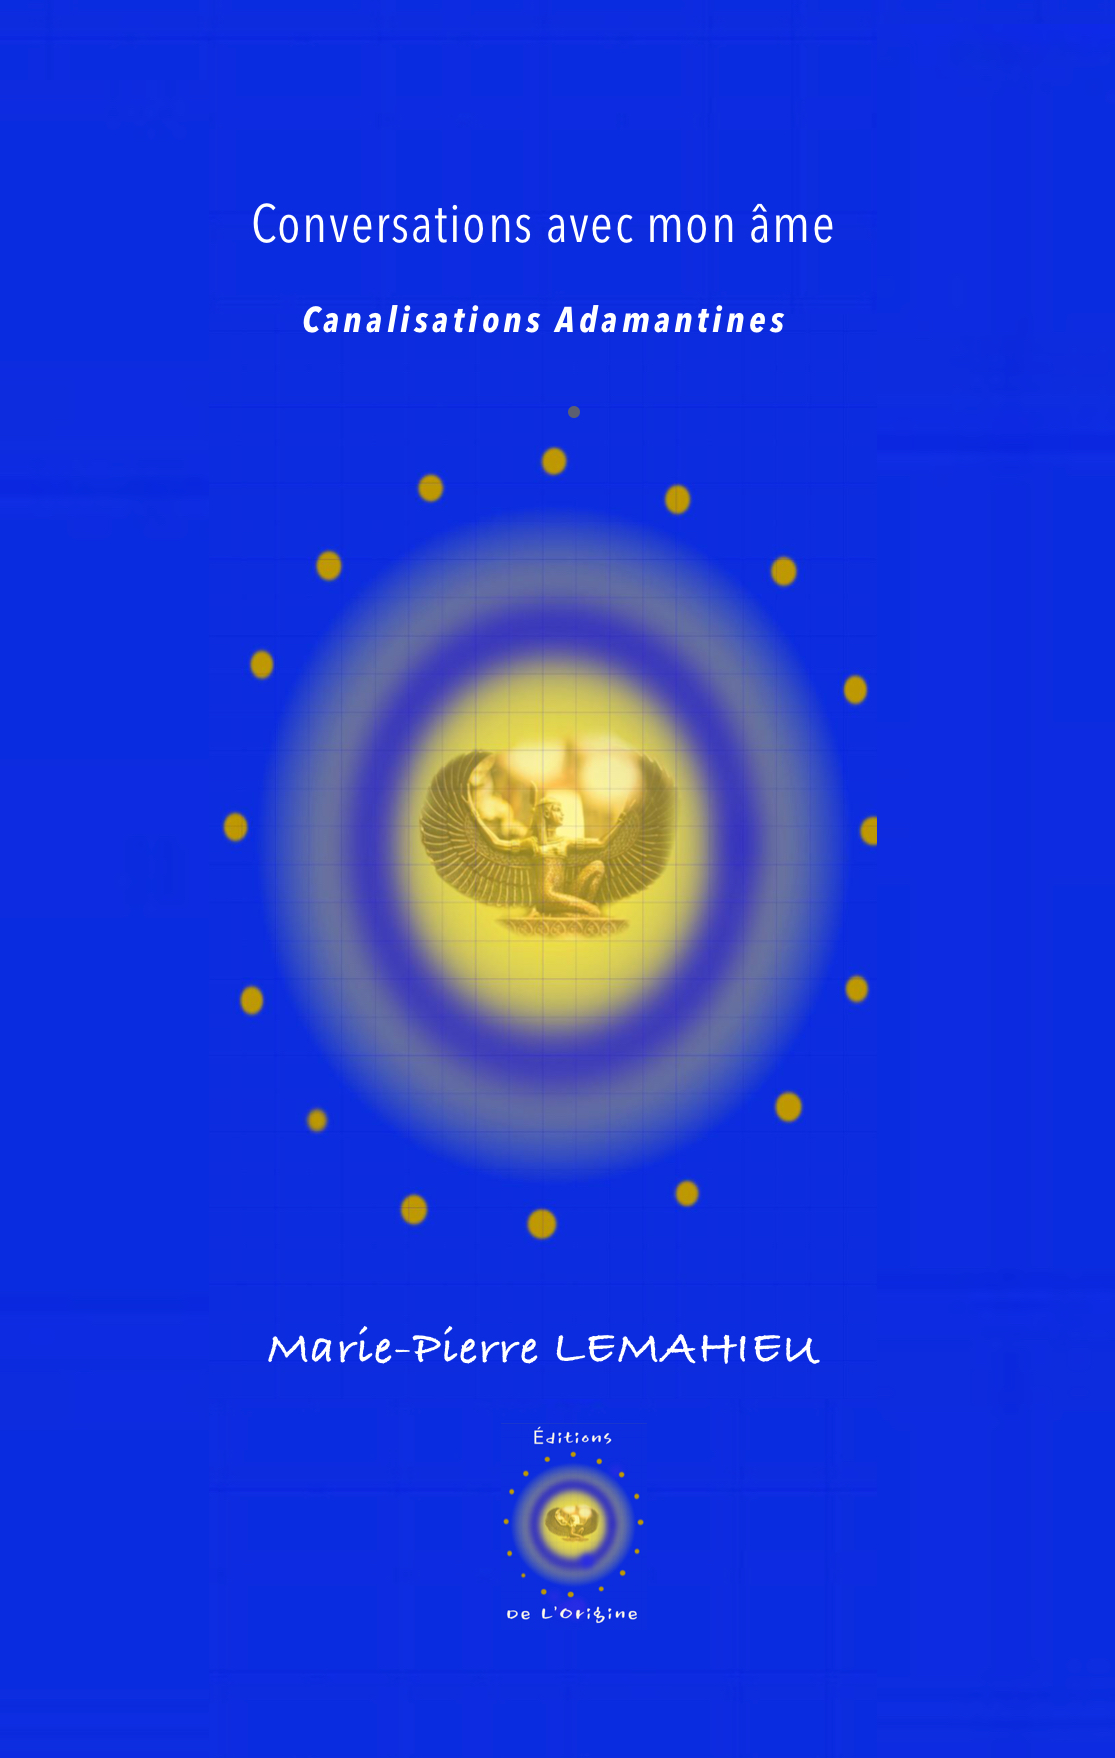 Couverture livre Marie-Pierre Lemahieu